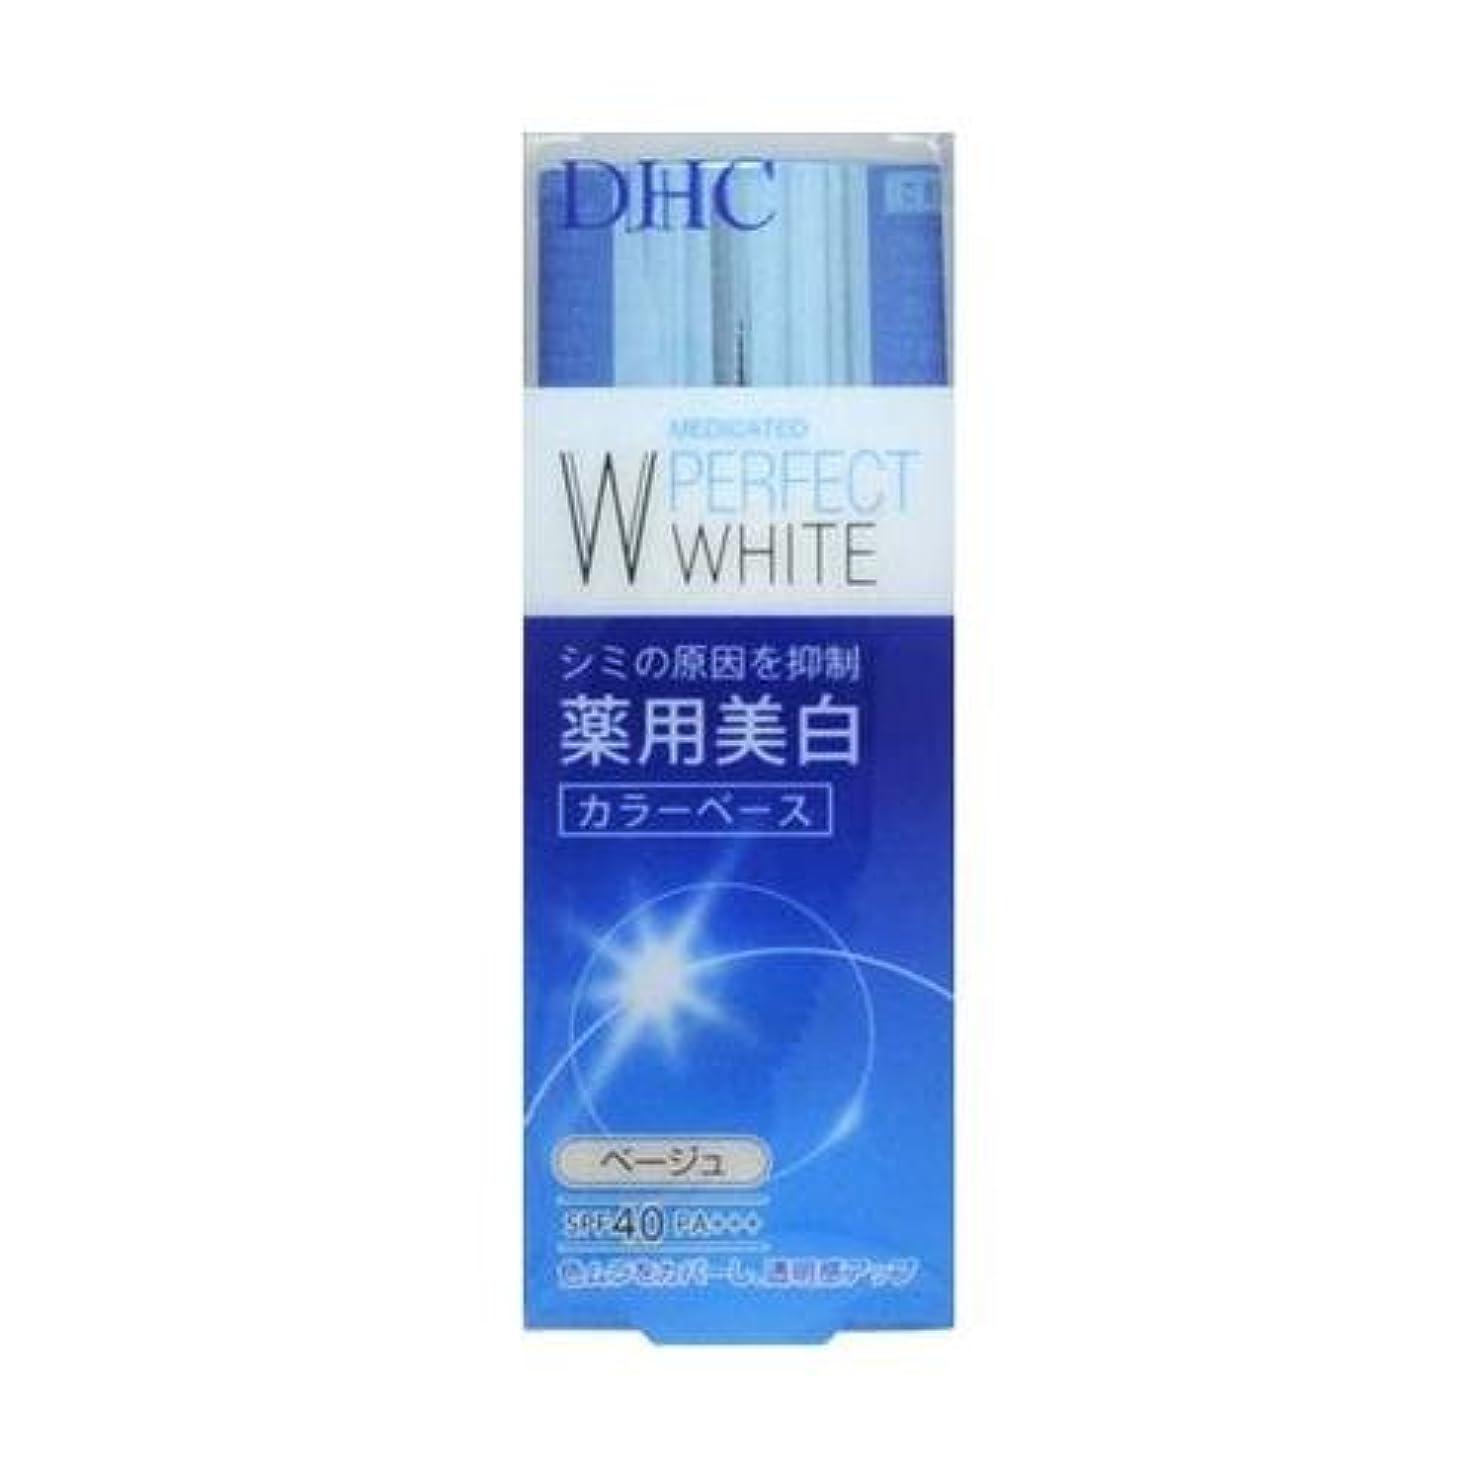 グラフ優れましたキッチンDHC 薬用パーフェクトホワイト カラーベース アプリコット 30g(医薬部外品)